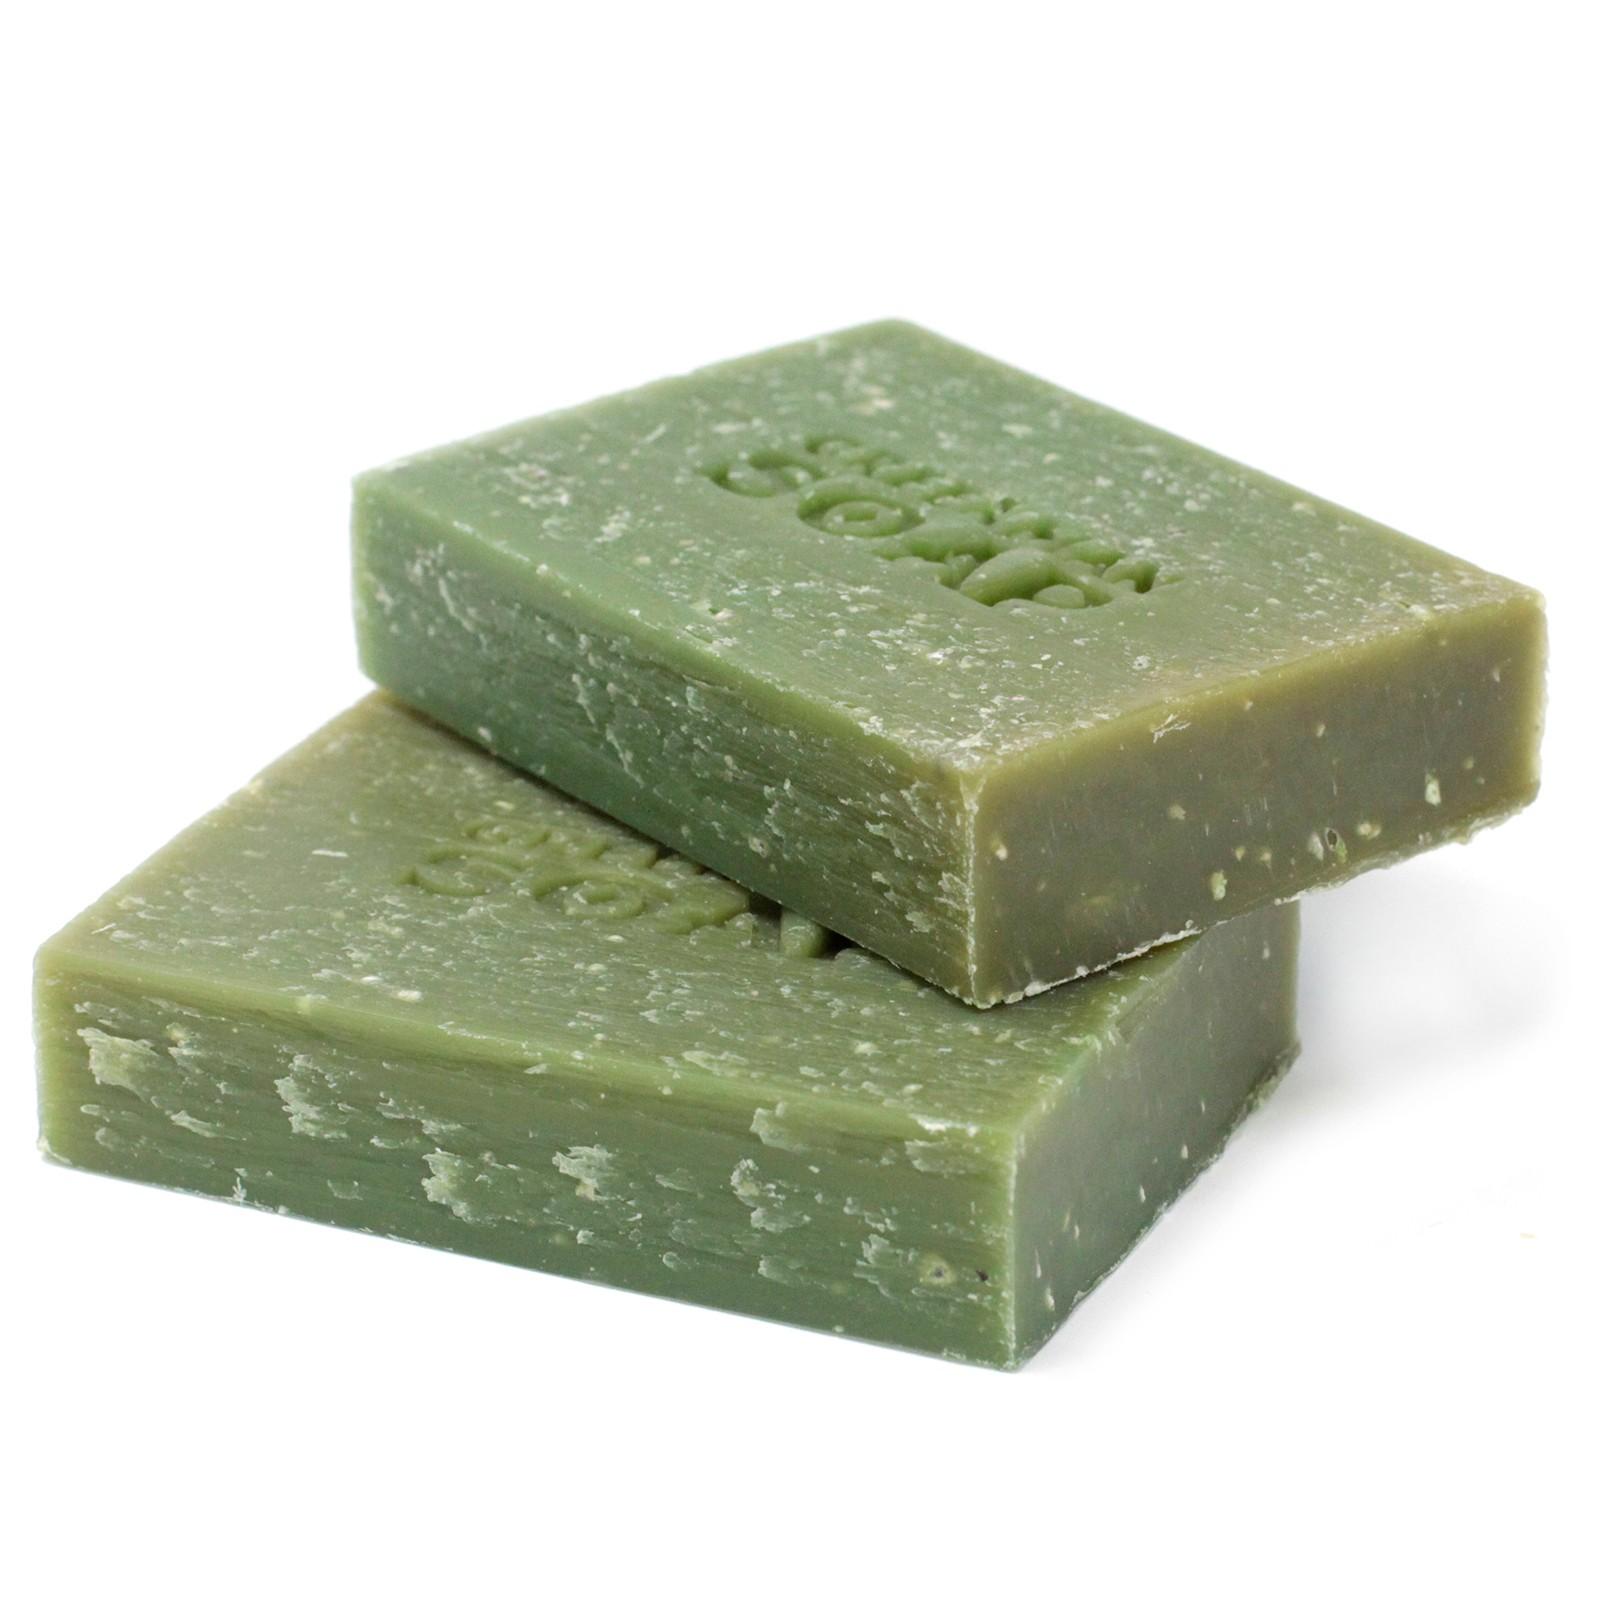 Greenman Soap Slice 100g Gardener's Scrub